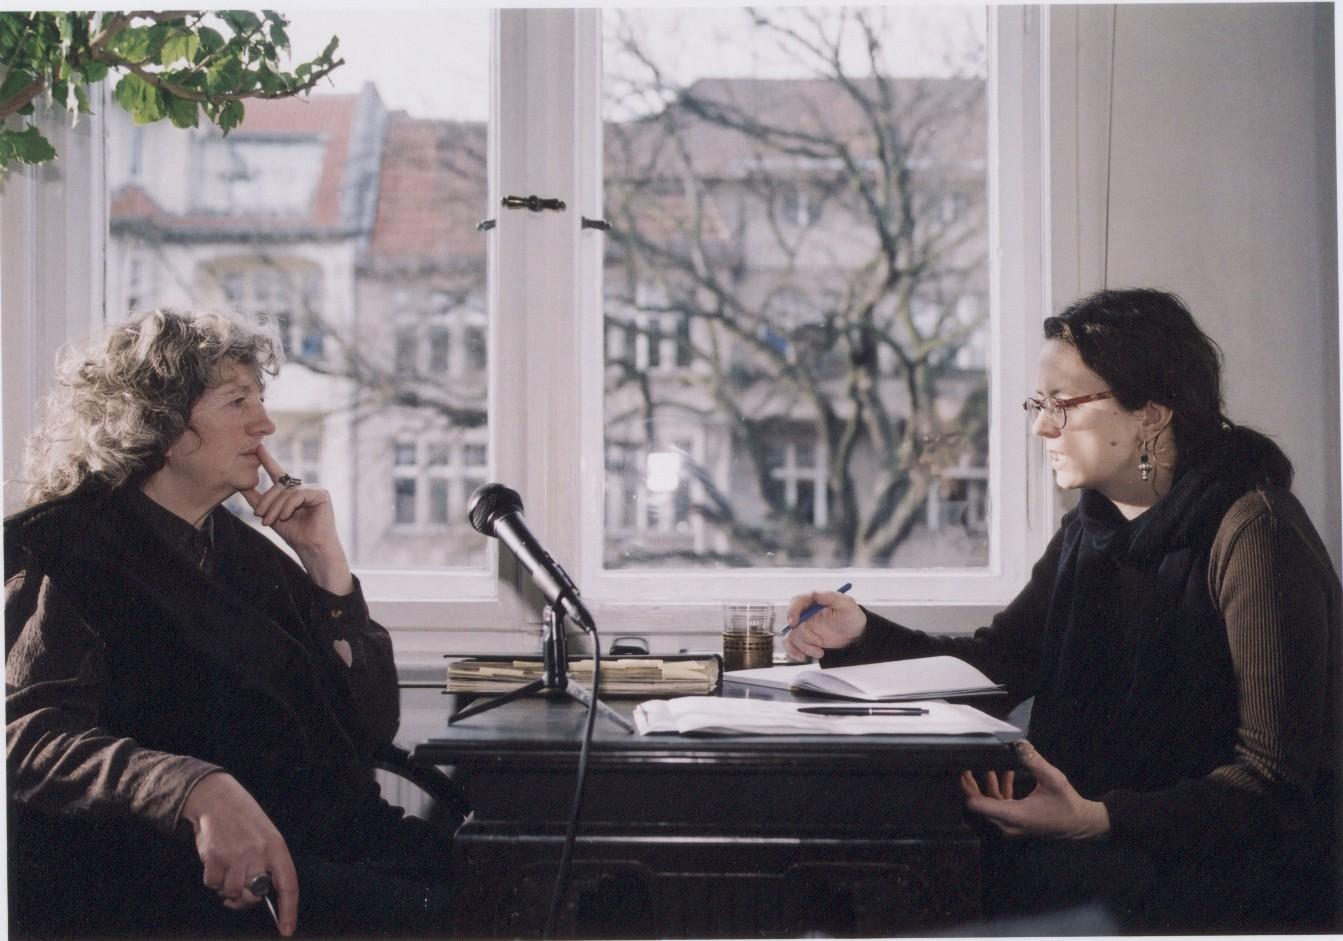 Interview mit der Filmemacherin Ulrike Ottinger 2004